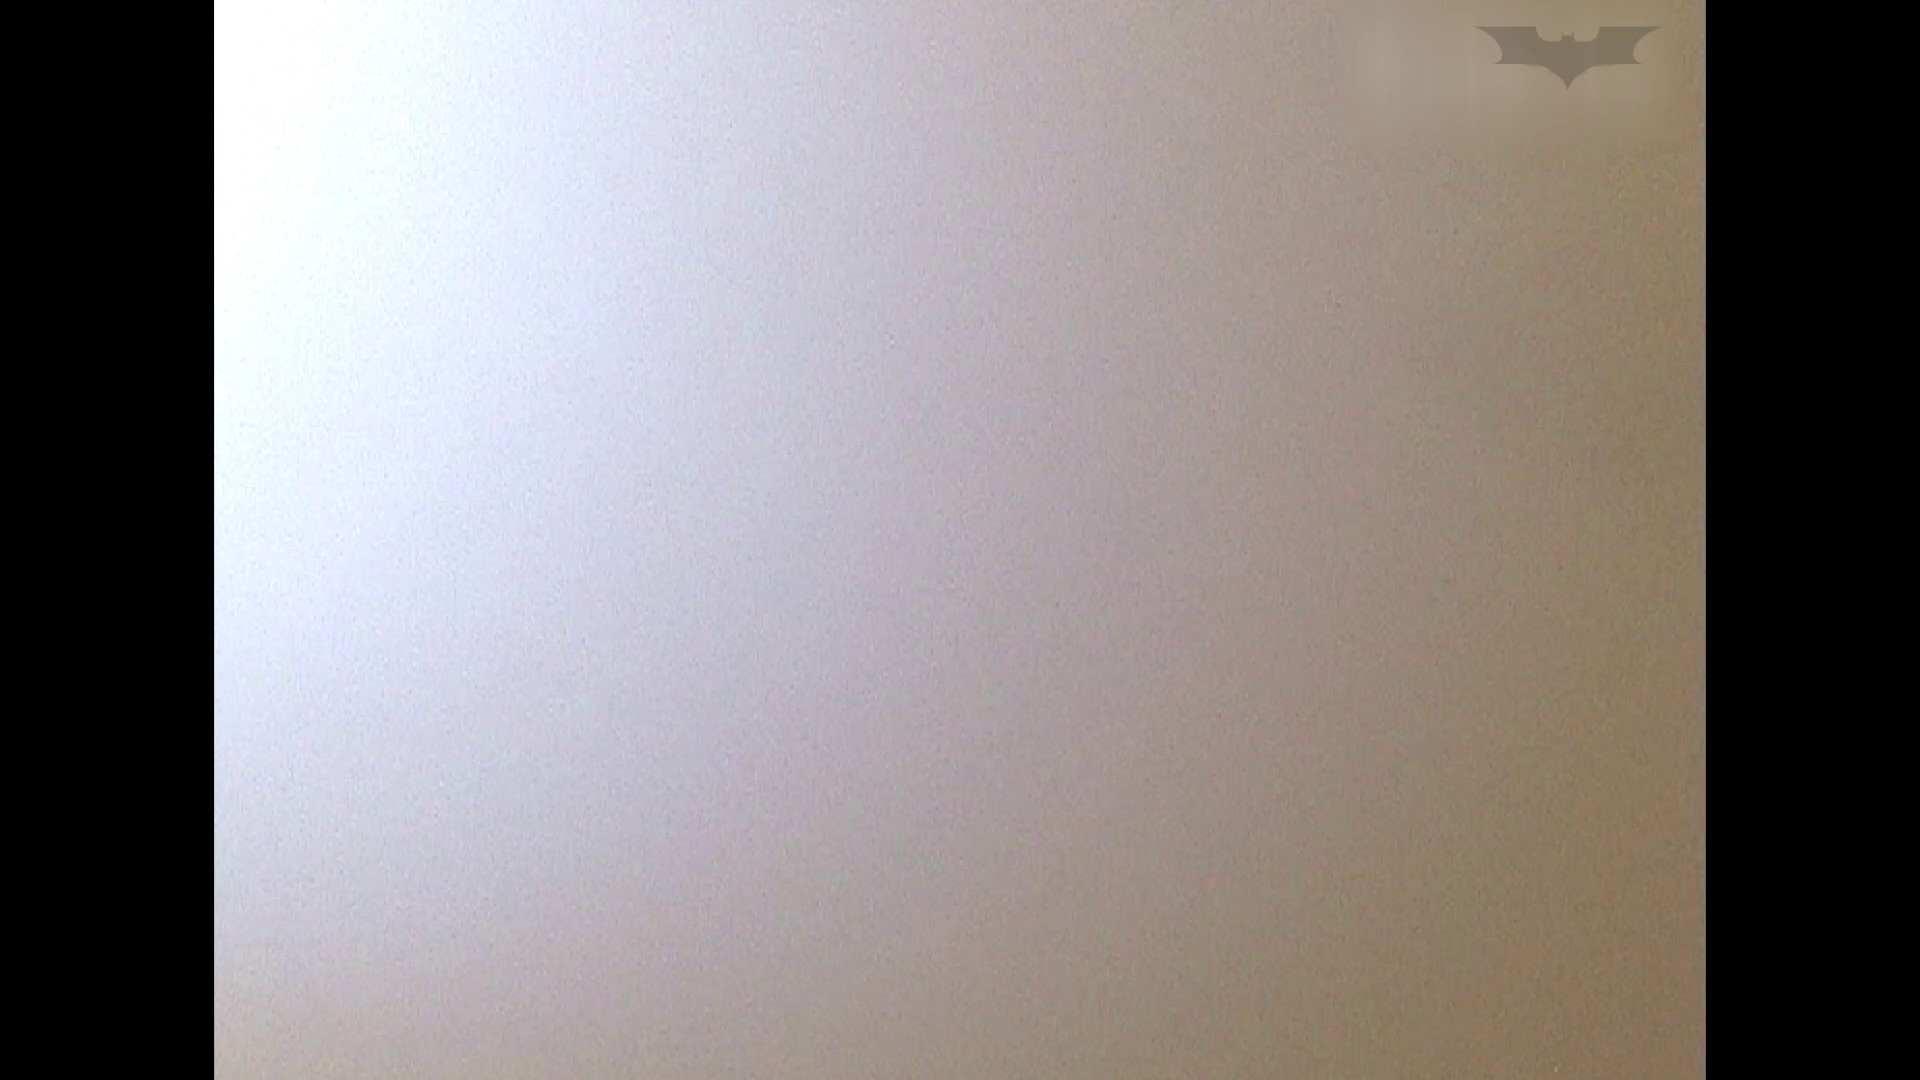 ピカ満グロ満KAWAYA物語 期間限定神キタ!ツルピカの放nyo!Vol.22 マンコ われめAV動画紹介 95画像 81